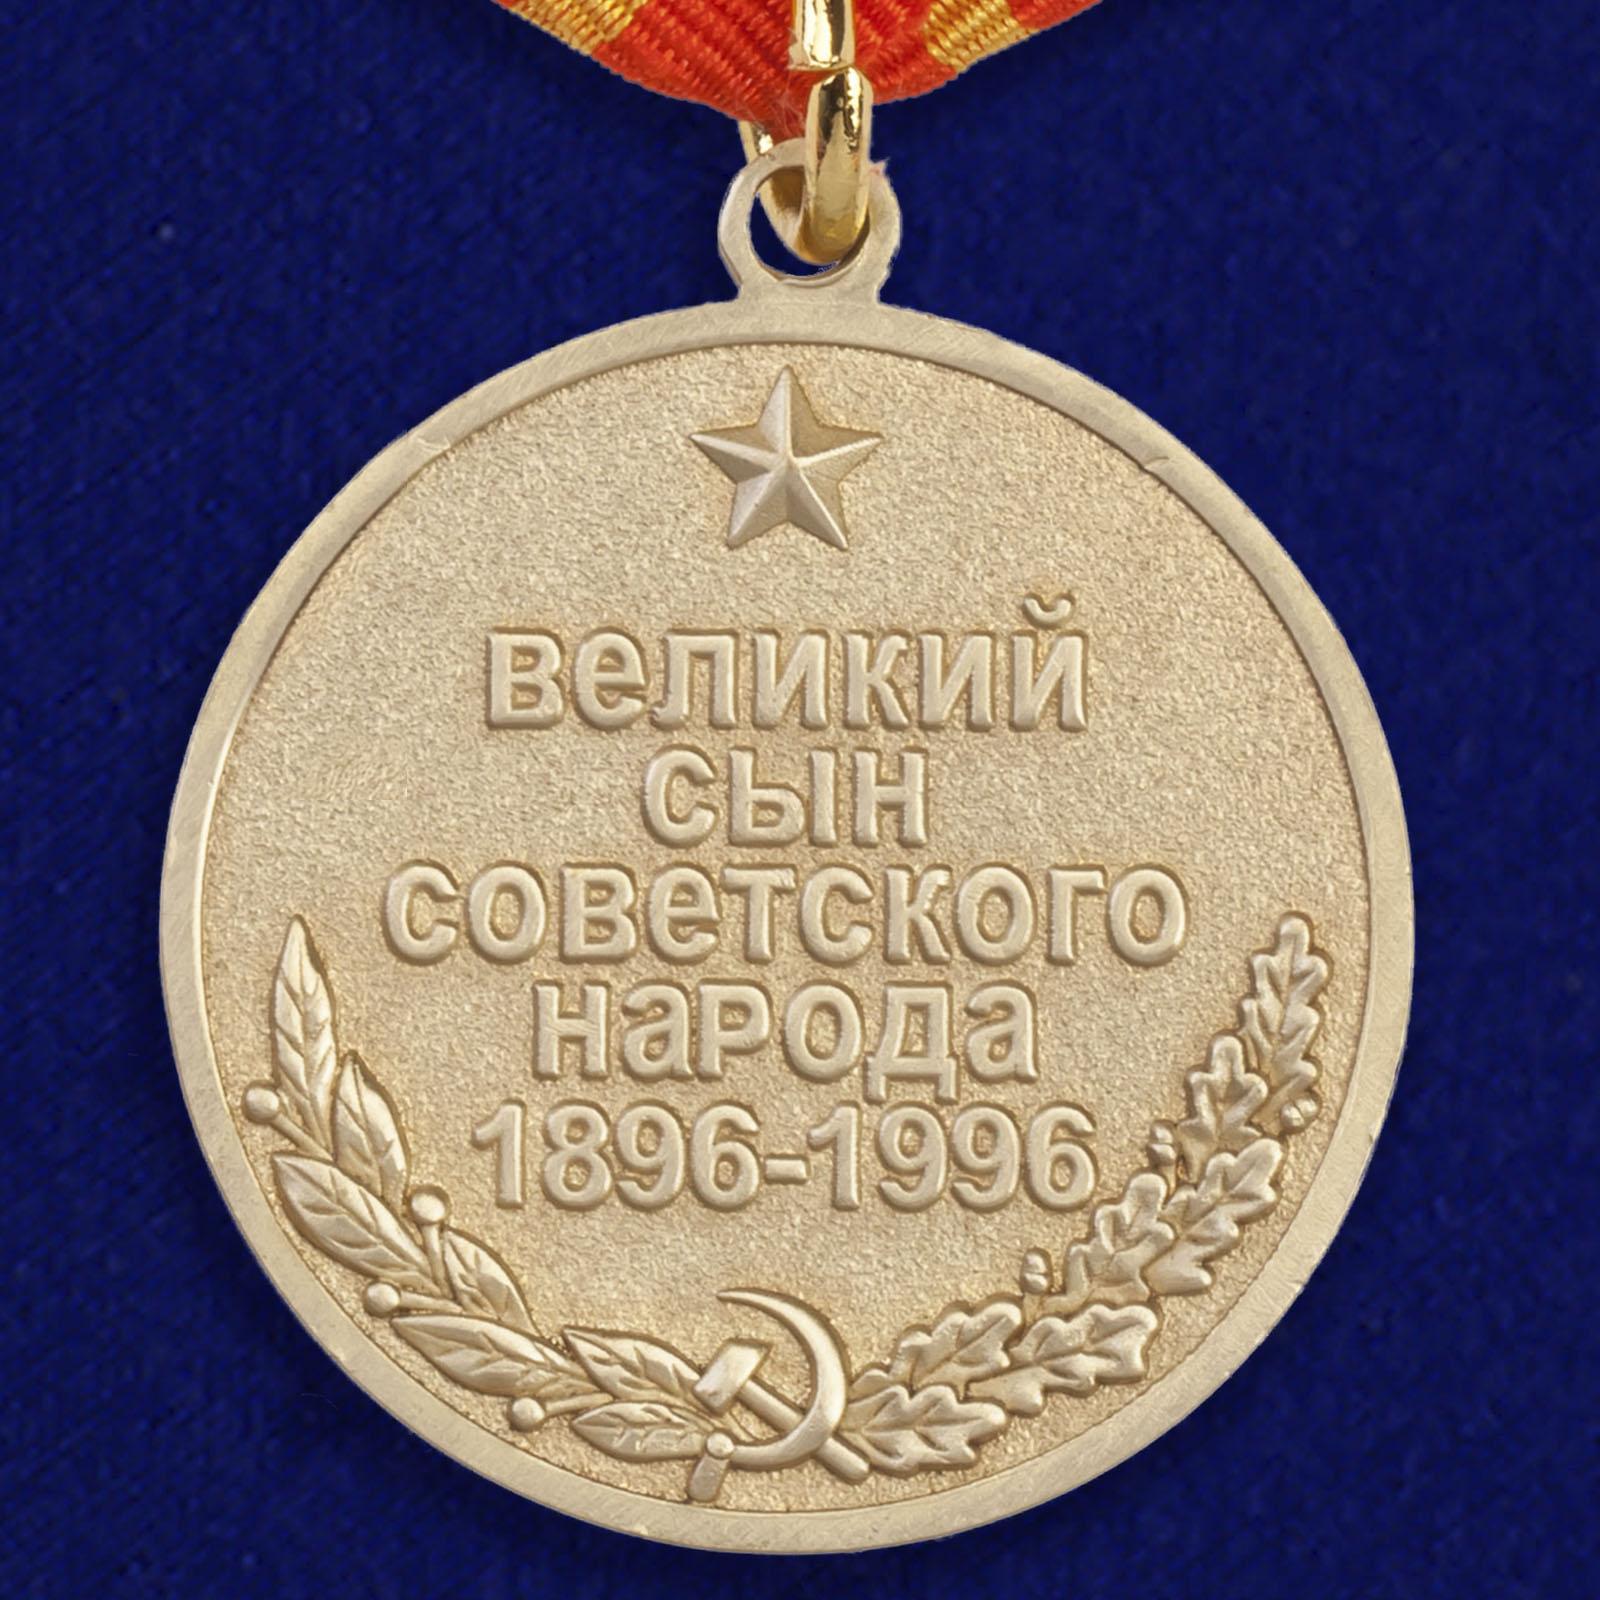 """Муляж медали """"Жуков. 1896-1996"""""""